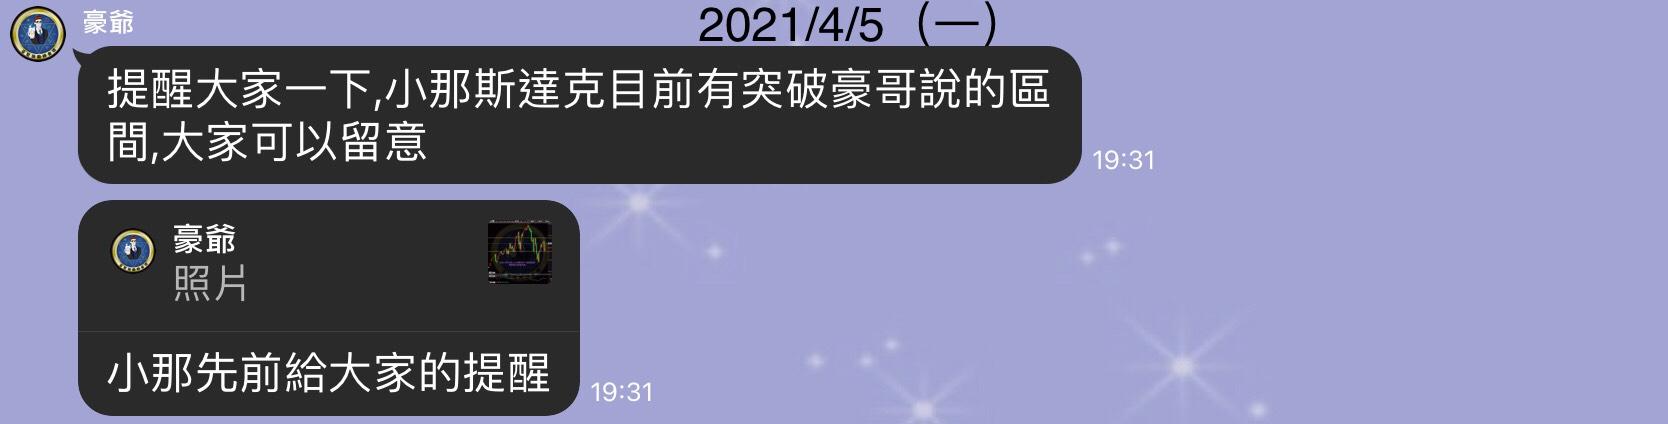 2021/04/06 豪爺週報_05